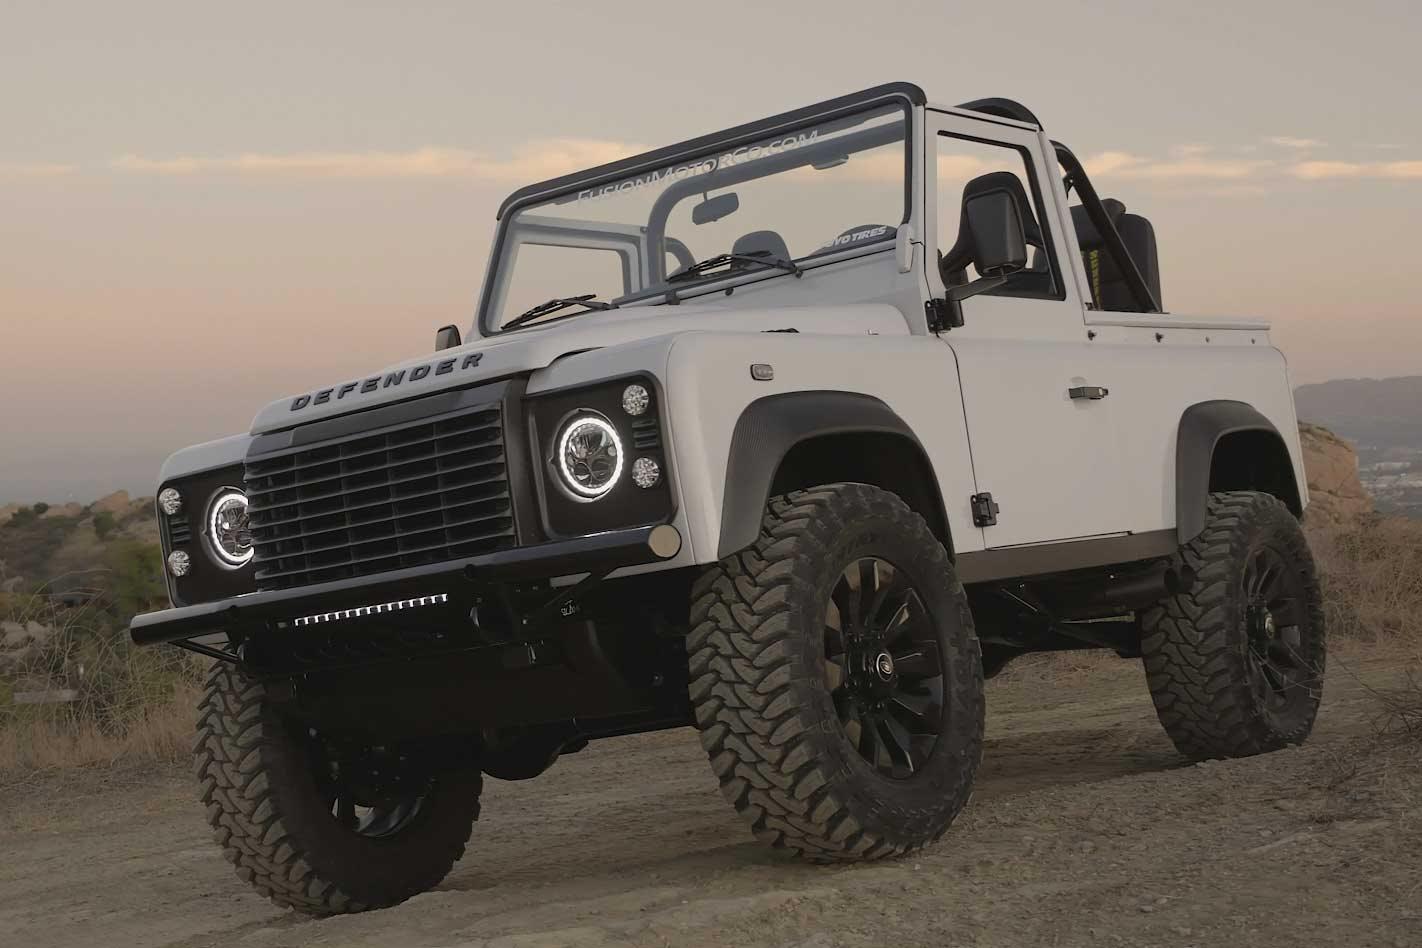 Defender 90 gets supercharged LSA V8: video